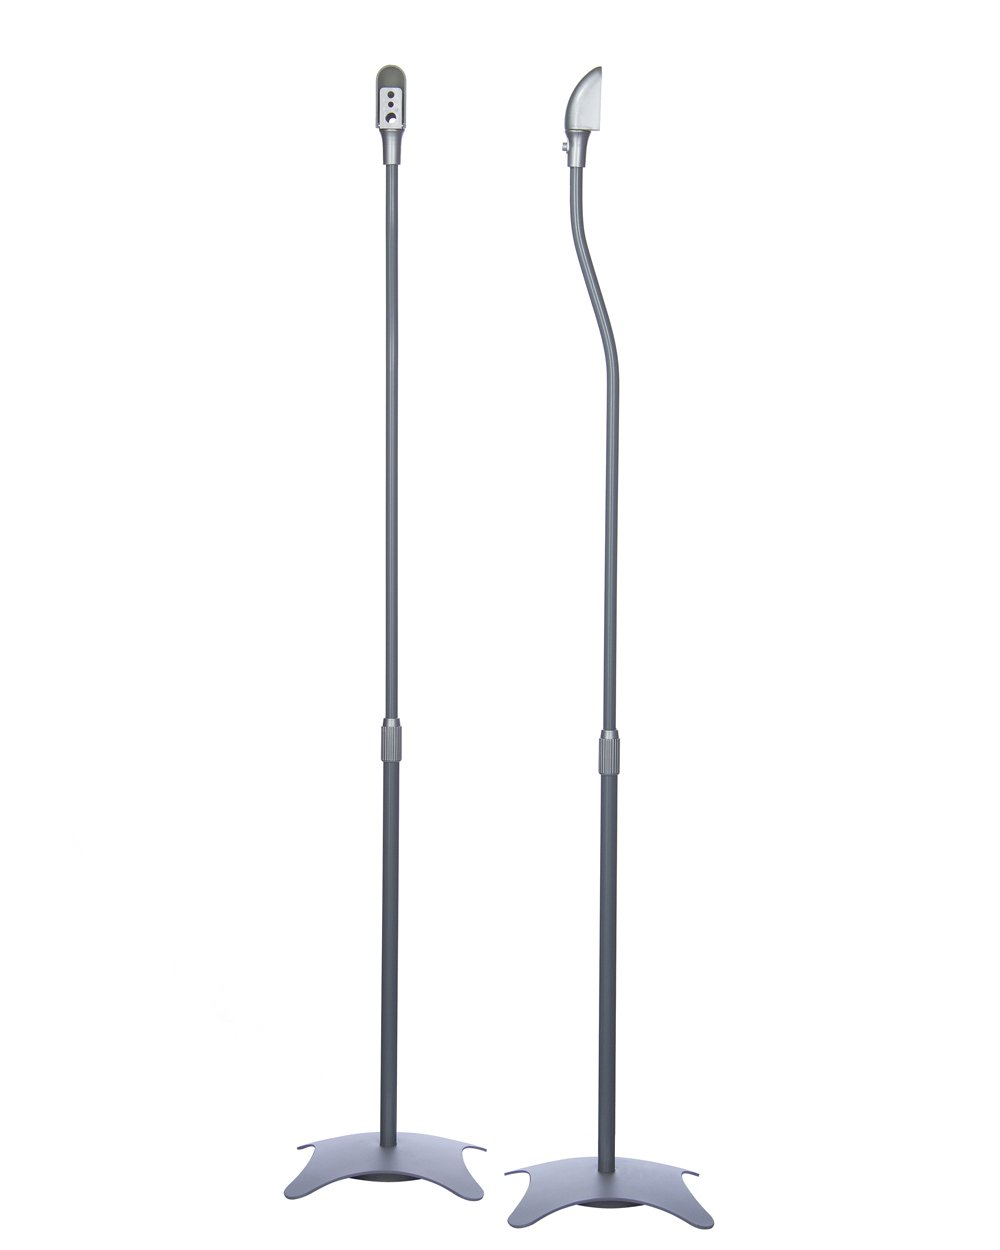 Minify - 1 coppia di supporti, con piedistallo, portata: 4,5 kg l'uno, colore: Argento 5 kg l'uno SSLM-01s